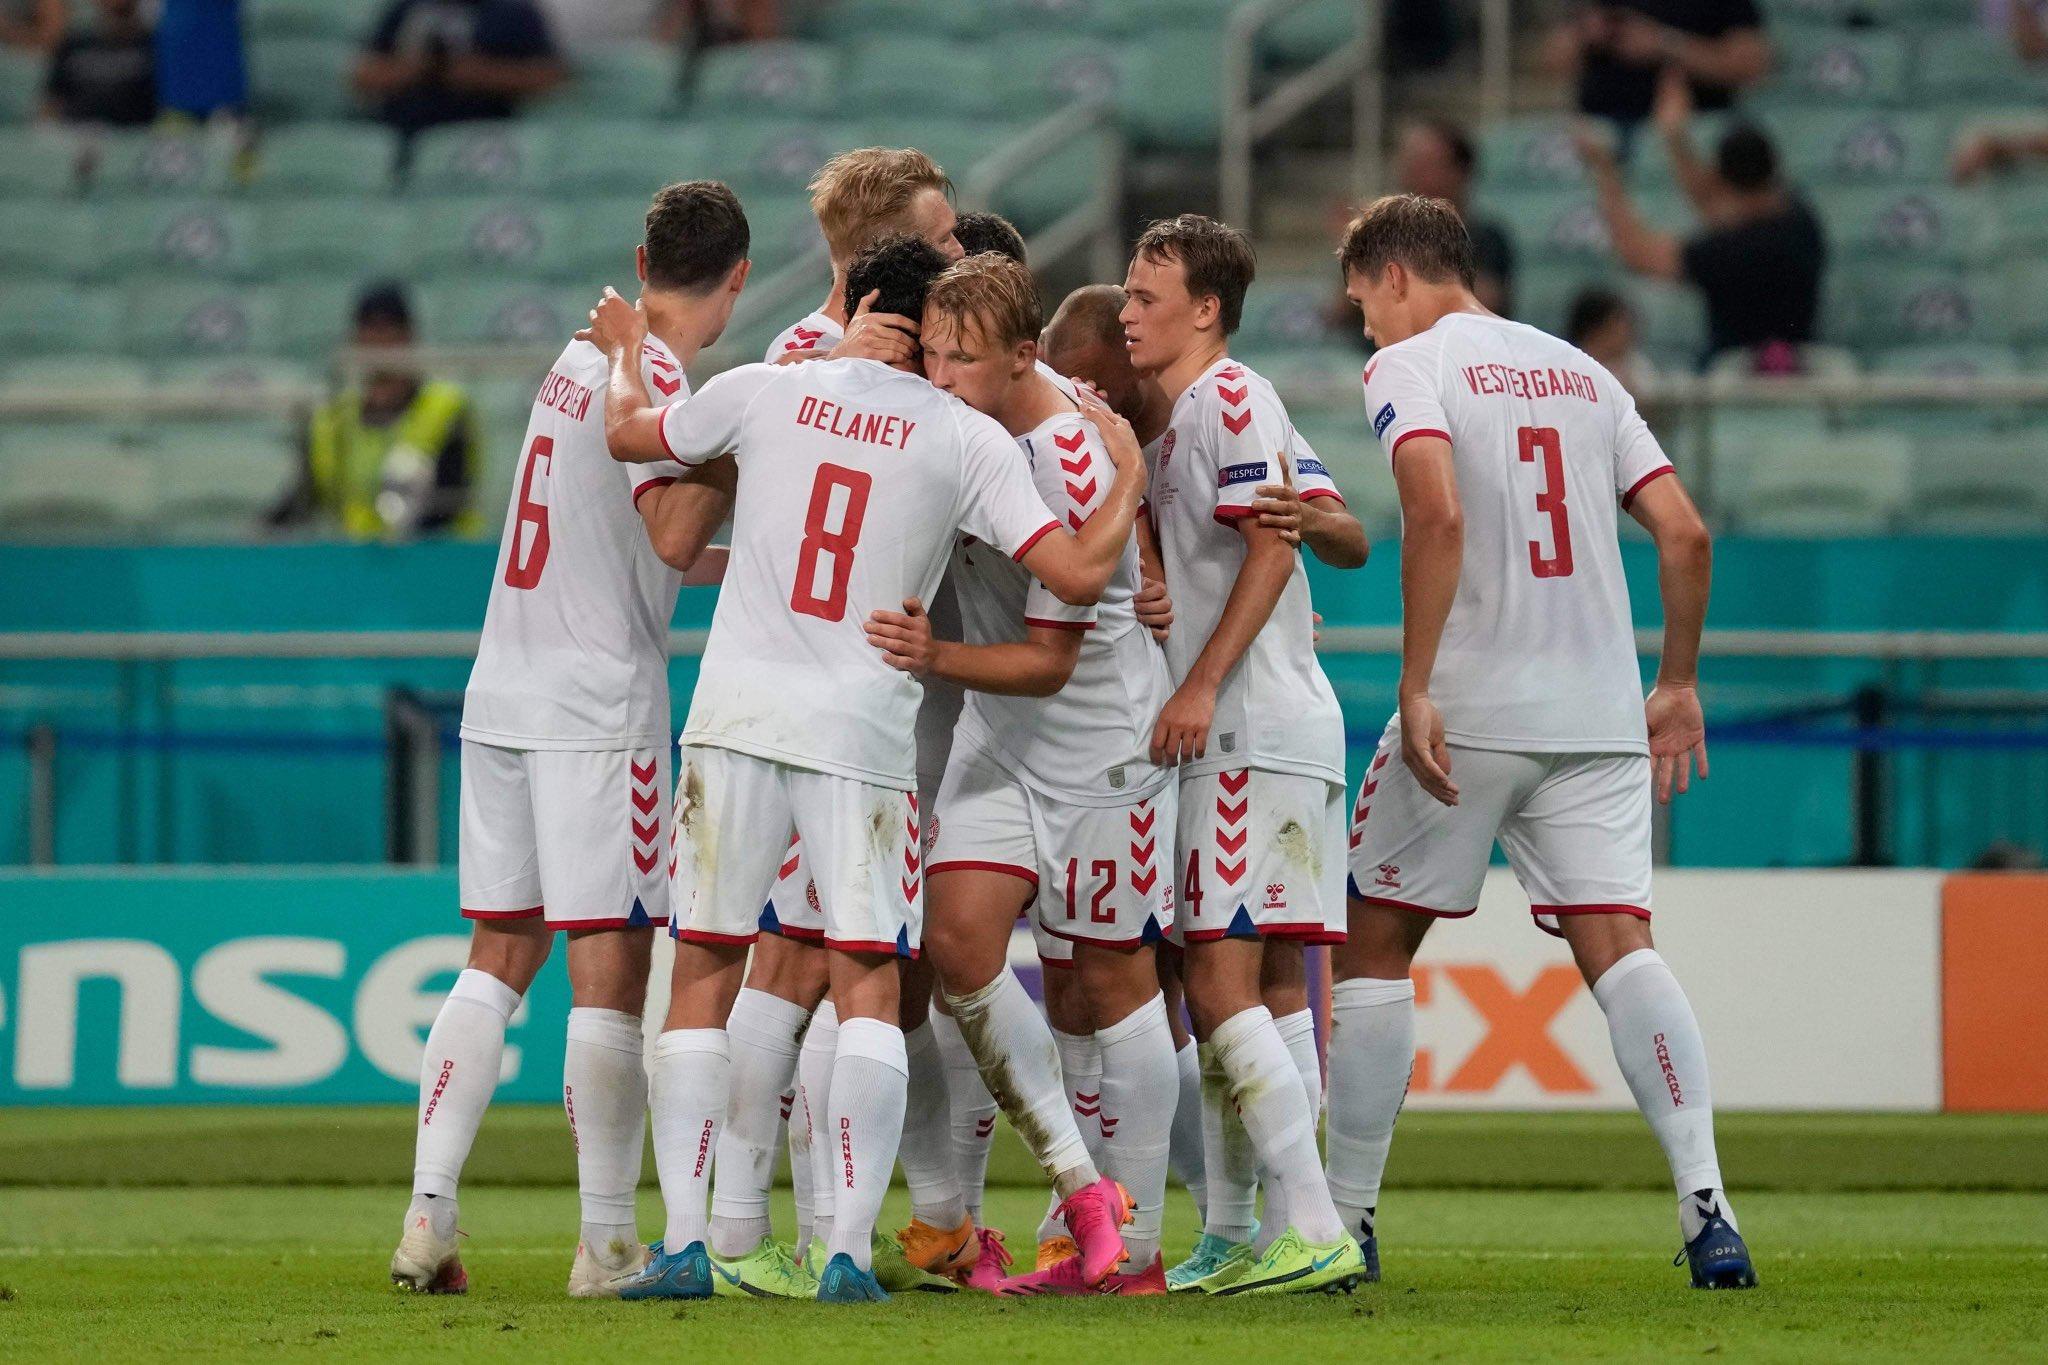 الدنمارك تتأهل إلى نصف نهائي اليورو في مباراة مثيرة أمام التشيك (فيديو)